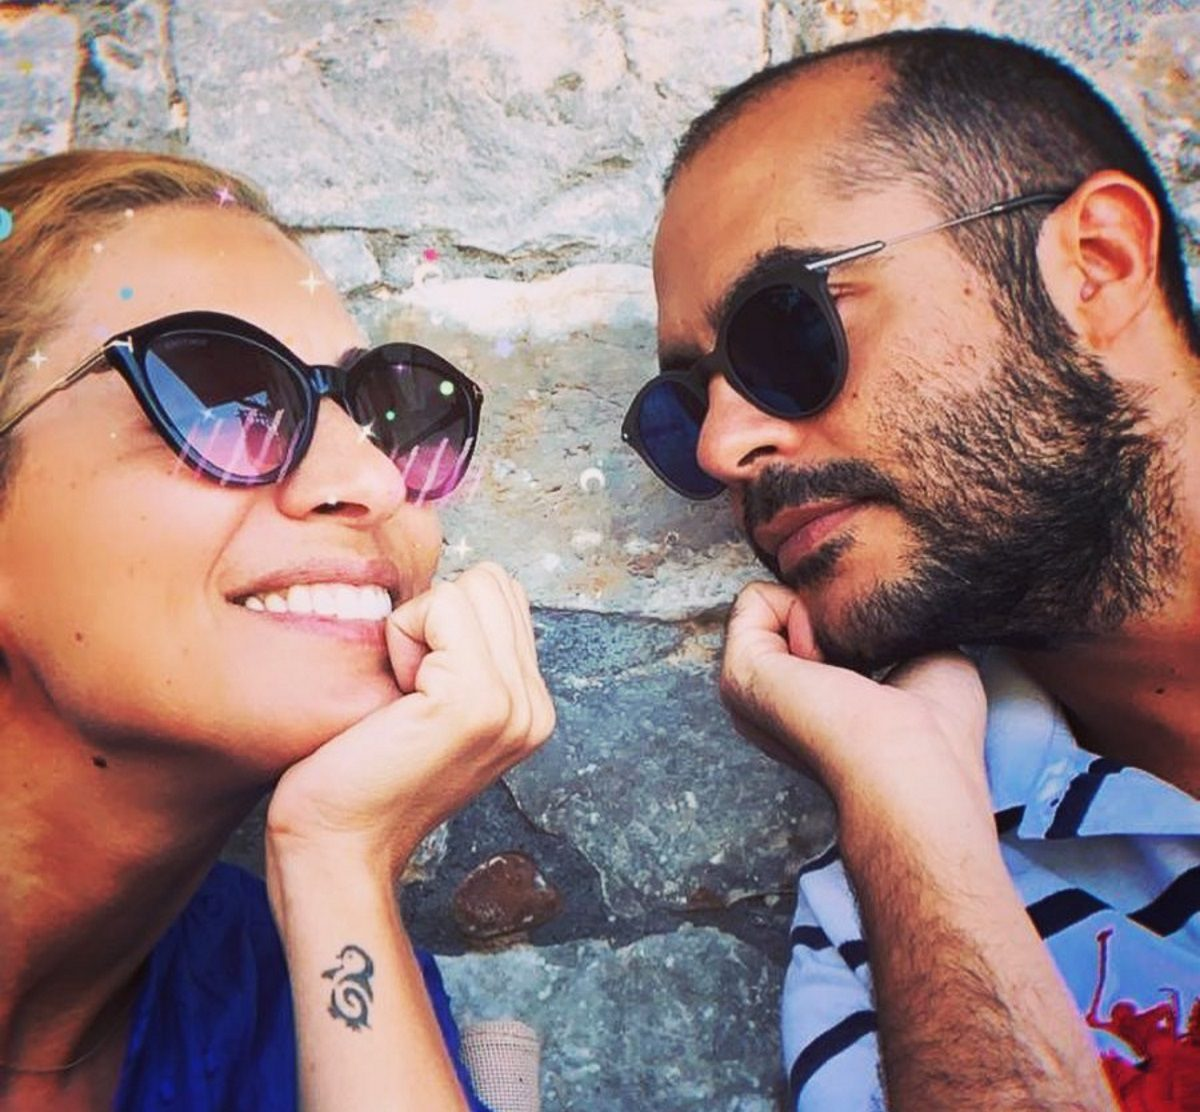 Μαρία Ηλιάκη: «Εγώ και εσύ» – Η τρυφερή ανάρτηση του συντρόφου της [pic]   tlife.gr